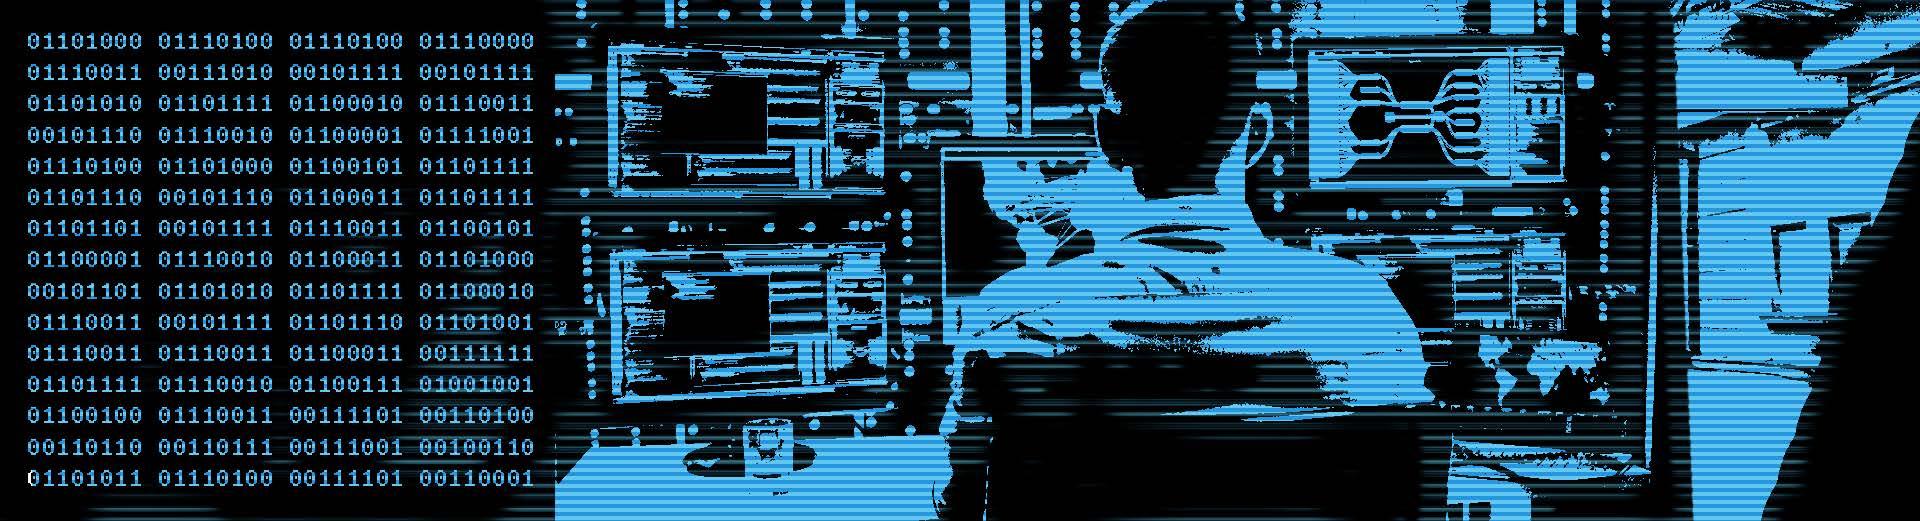 PakCERT :: Information Cyber Security Trainings Pakistan